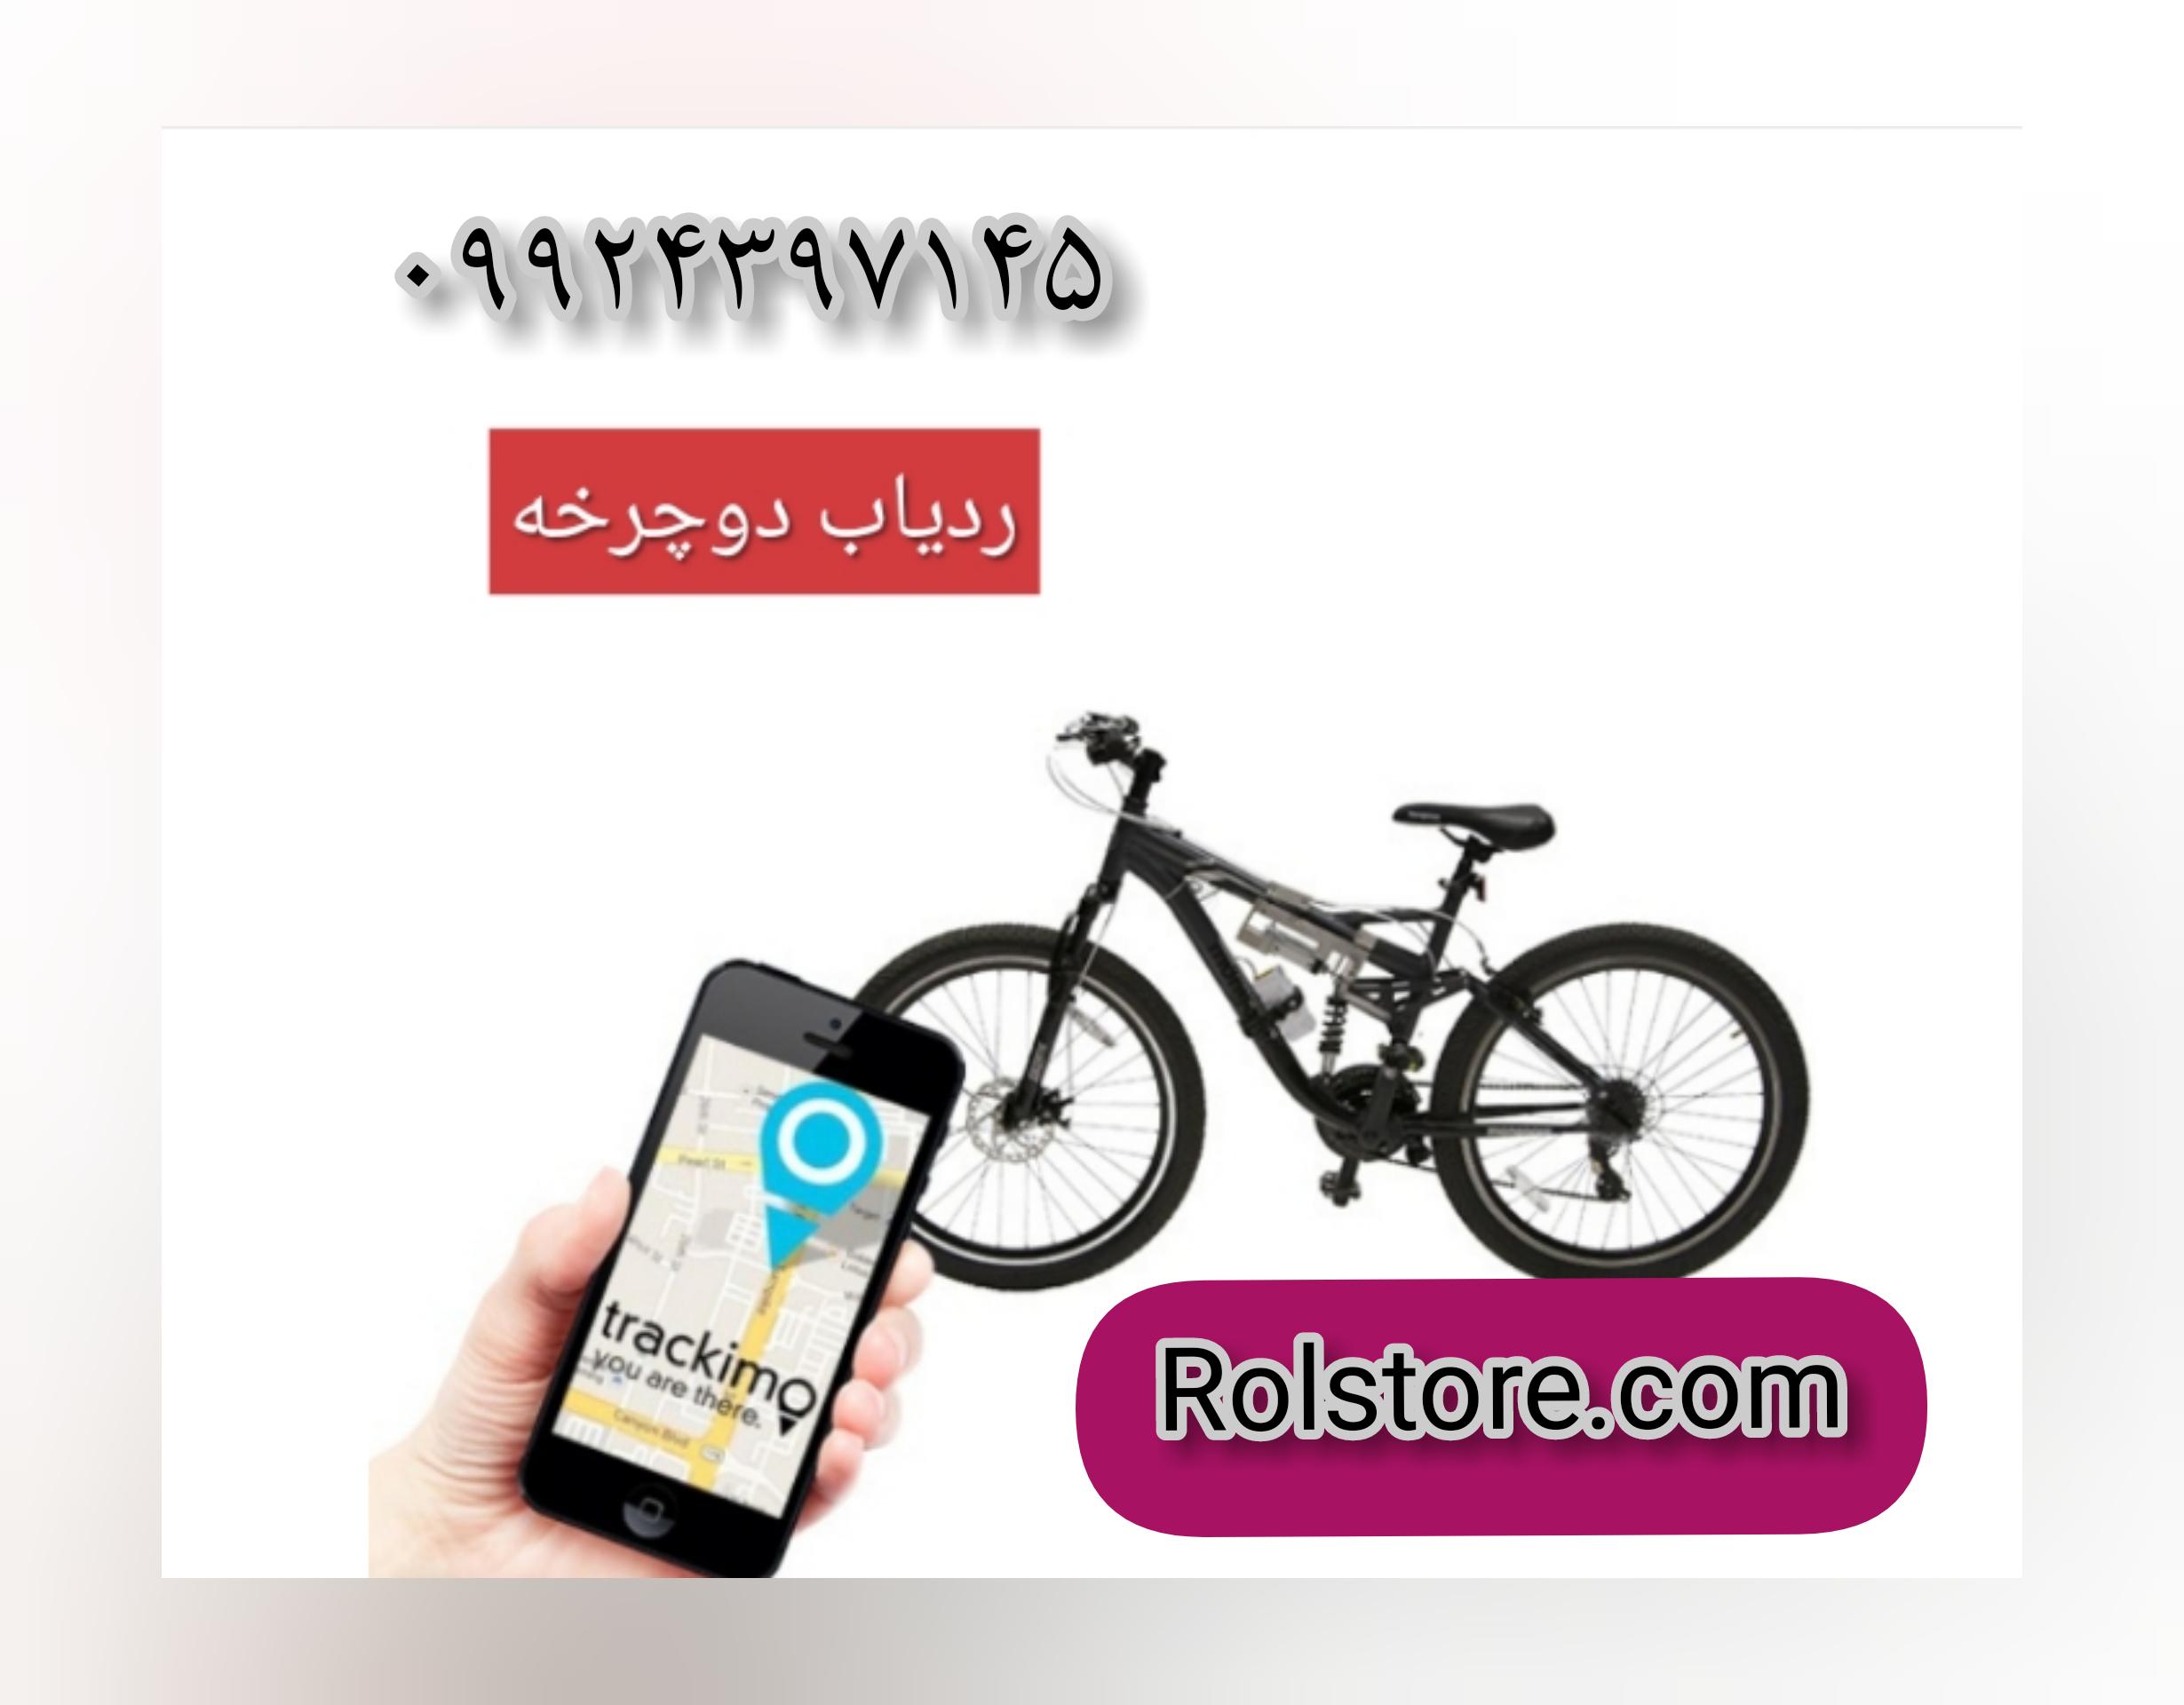 ردیاب دوچرخه/۰۹۱۲۰۷۵۰۹۳۲/تامین امنیت دوچرخه